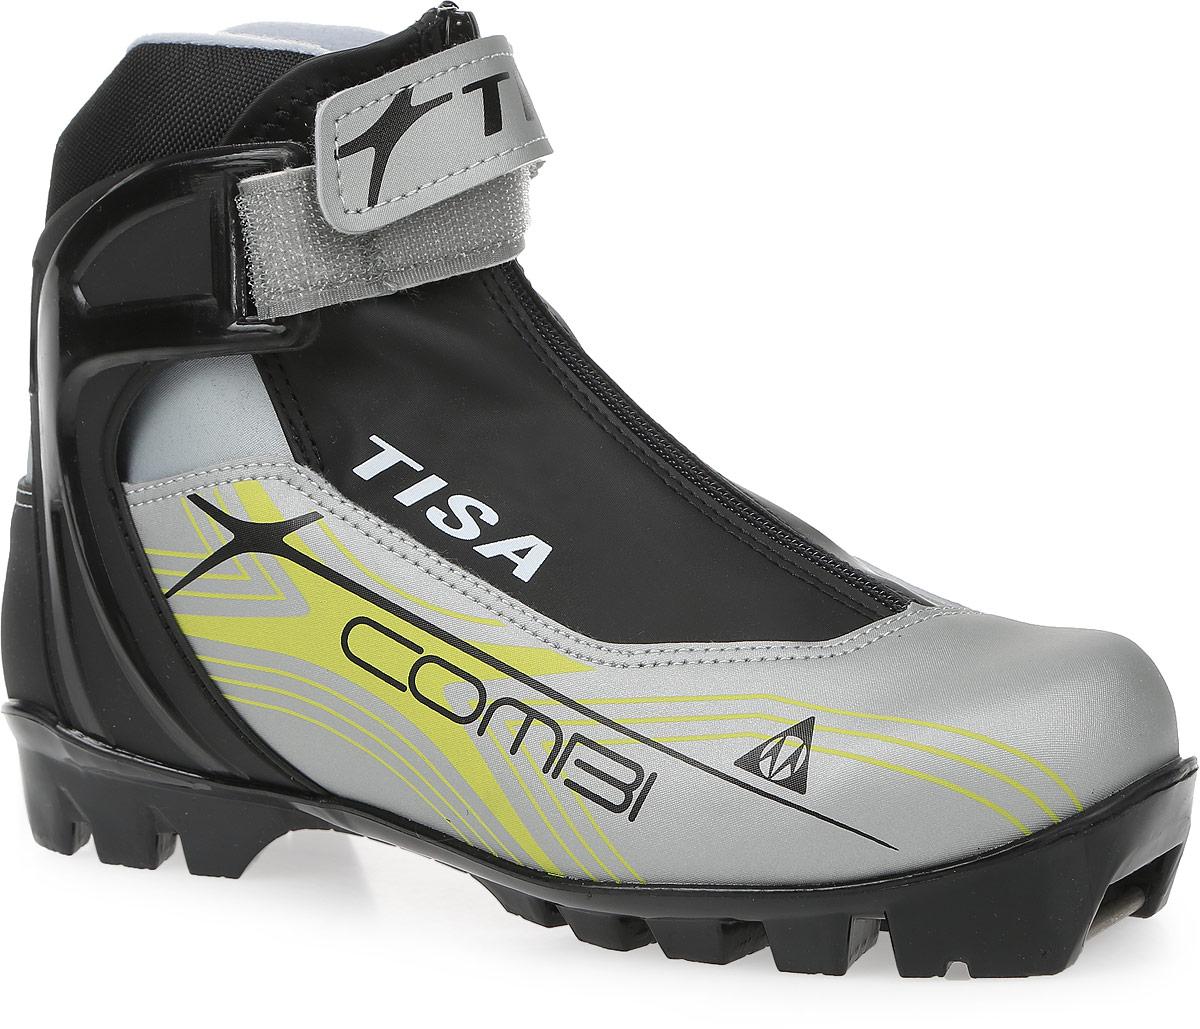 Ботинки лыжные беговые Tisa Combi NNN, цвет: черный, серый, салатовый. Размер 46S75715Лыжные ботинки Tisa Combi NNN выполнены из искусственных материалов в классическом стиле и предназначены для лыжных прогулок и туризма. Язык защищен текстильной вставкой на застежке-молнии. Подкладка, исполненная из мягкого флиса и искусственного меха, защитит ноги от холода и обеспечит уют. Верх изделия оформлен удобной шнуровкой с петлями из текстиля. Вставки в мысовой и пяточной частях предназначены для дополнительной жесткости. Манжета Control Cuff поддерживает голеностоп. Подошва системы NNN выполнена из полимерного термопластичного материала. С одной из боковых сторон лыжные ботинки дополнены принтом в виде логотипа бренда.